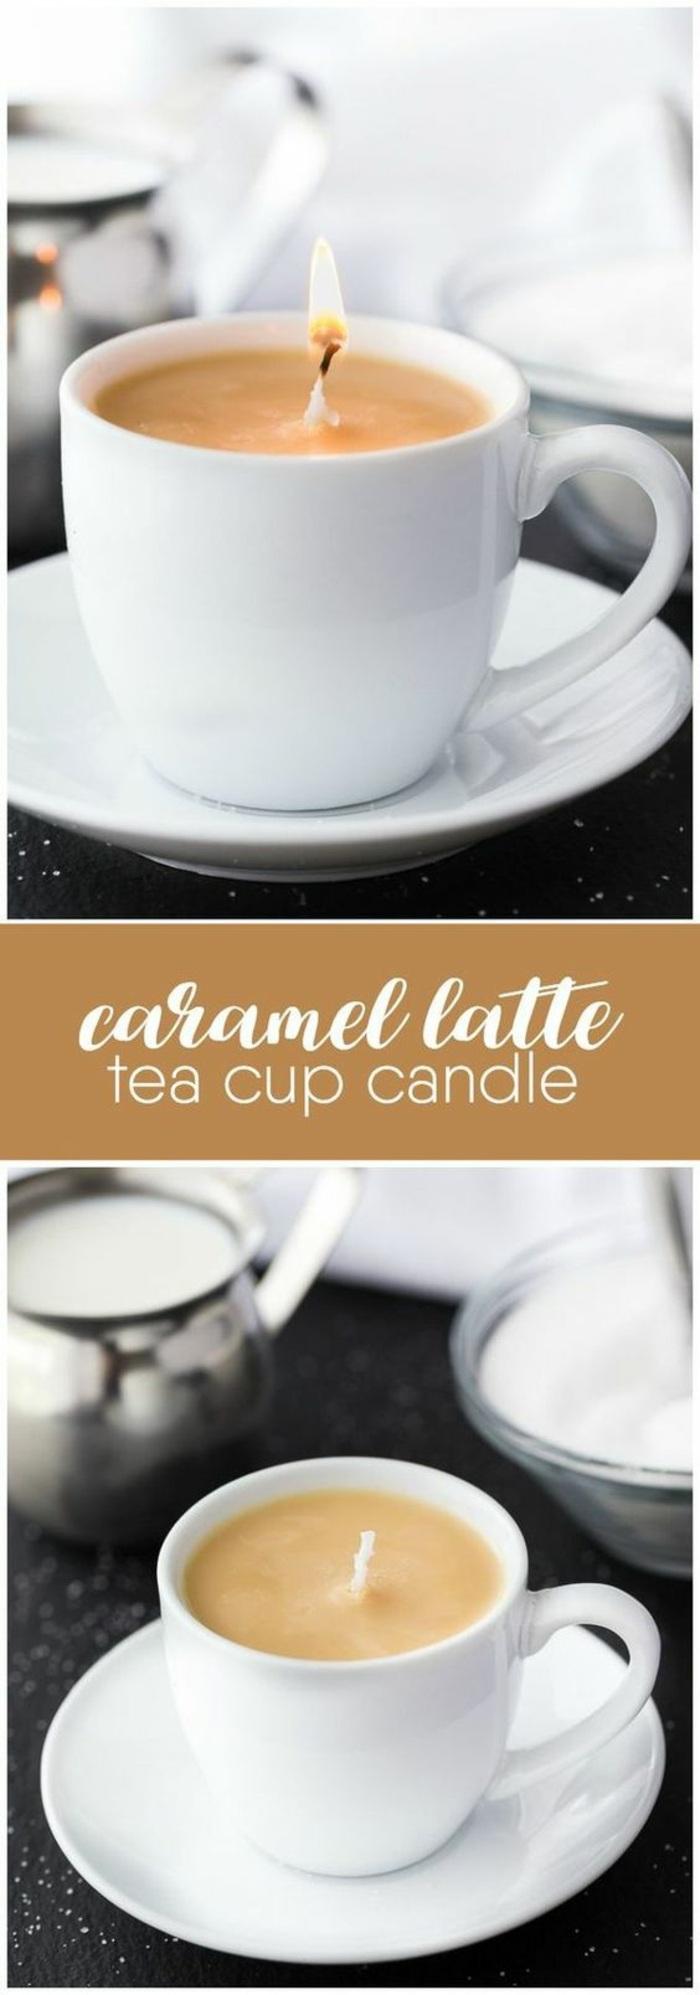 cómo hacer velas caseras en tazas de café, originales propuestas de velas DIY para decorar la casa